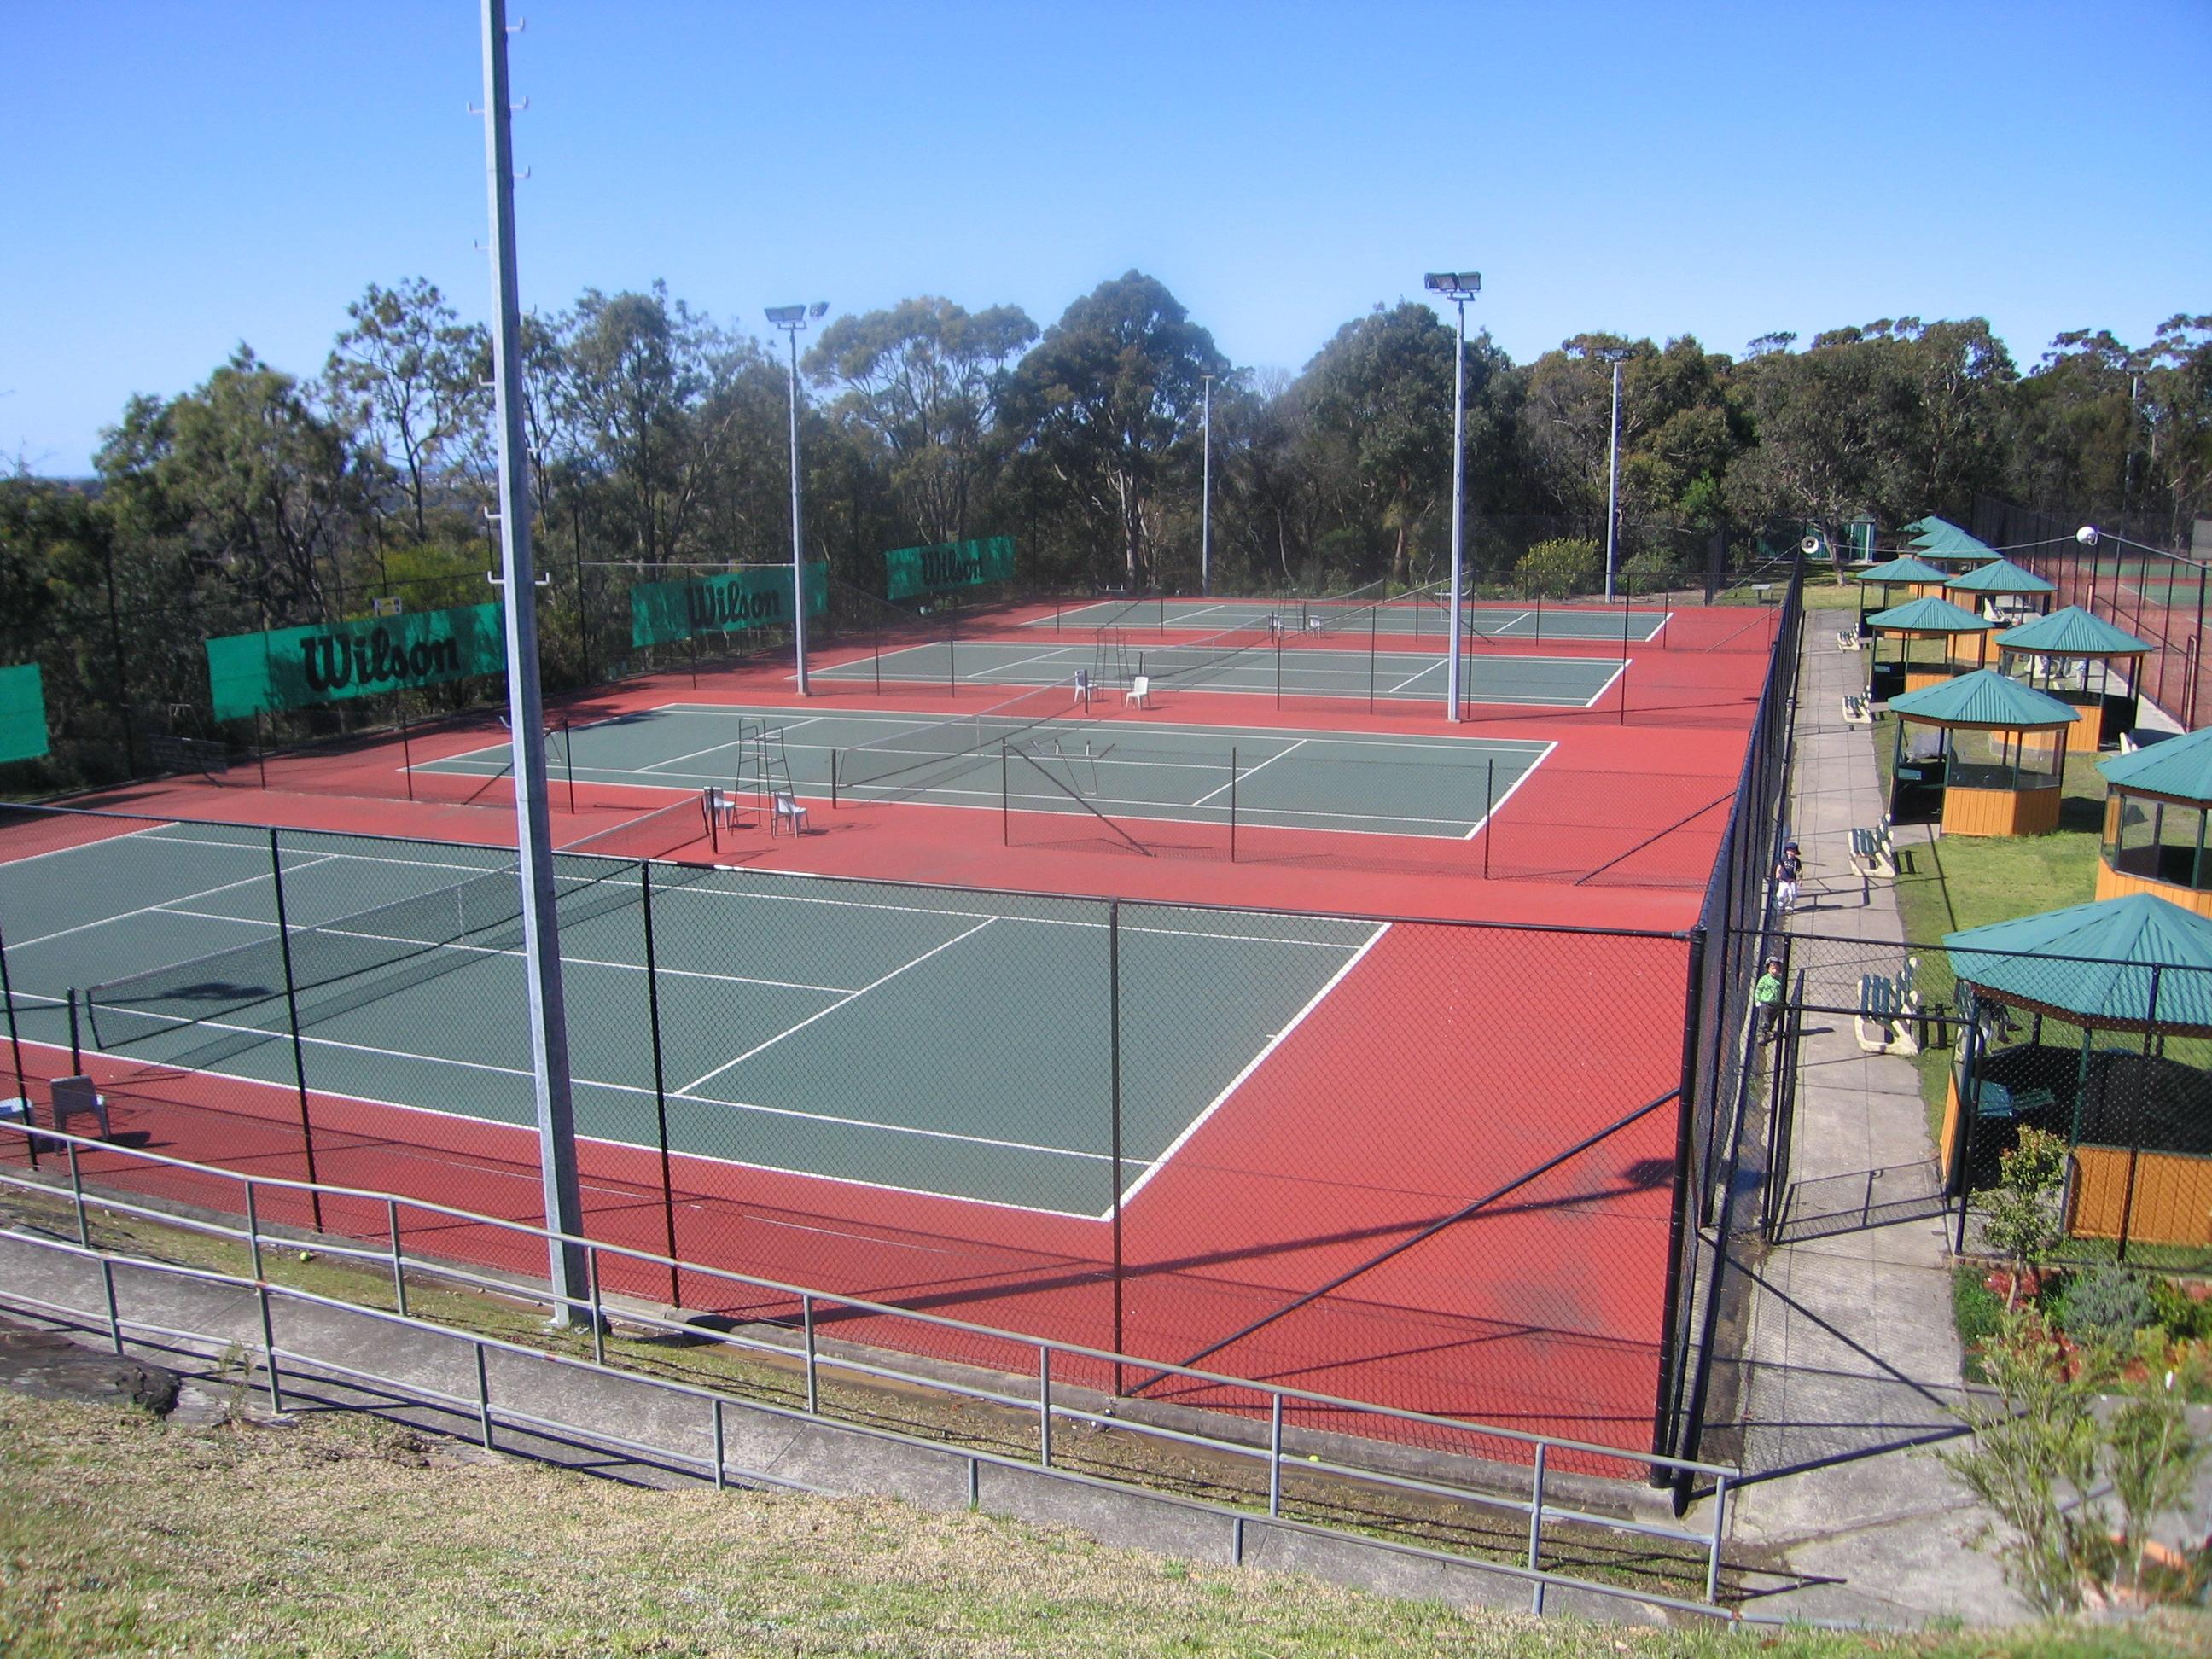 Tennis court - Northern beaches